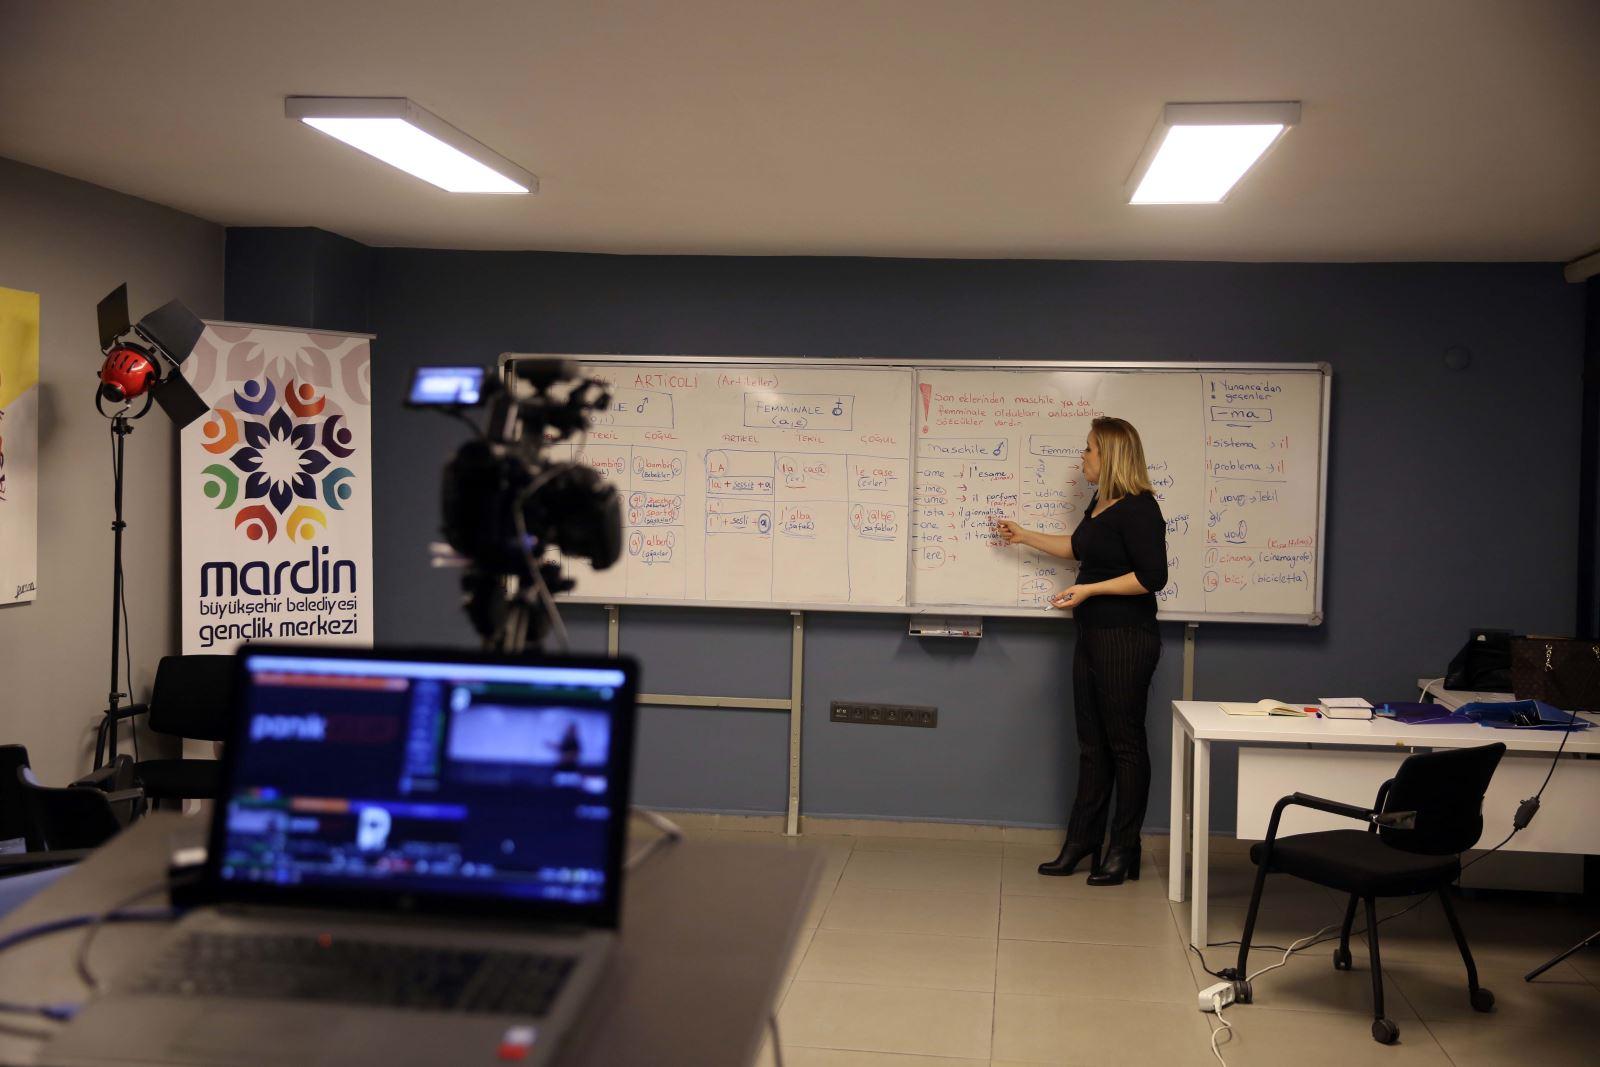 Büyükşehir Belediyesinden online yabancı dil eğitimi